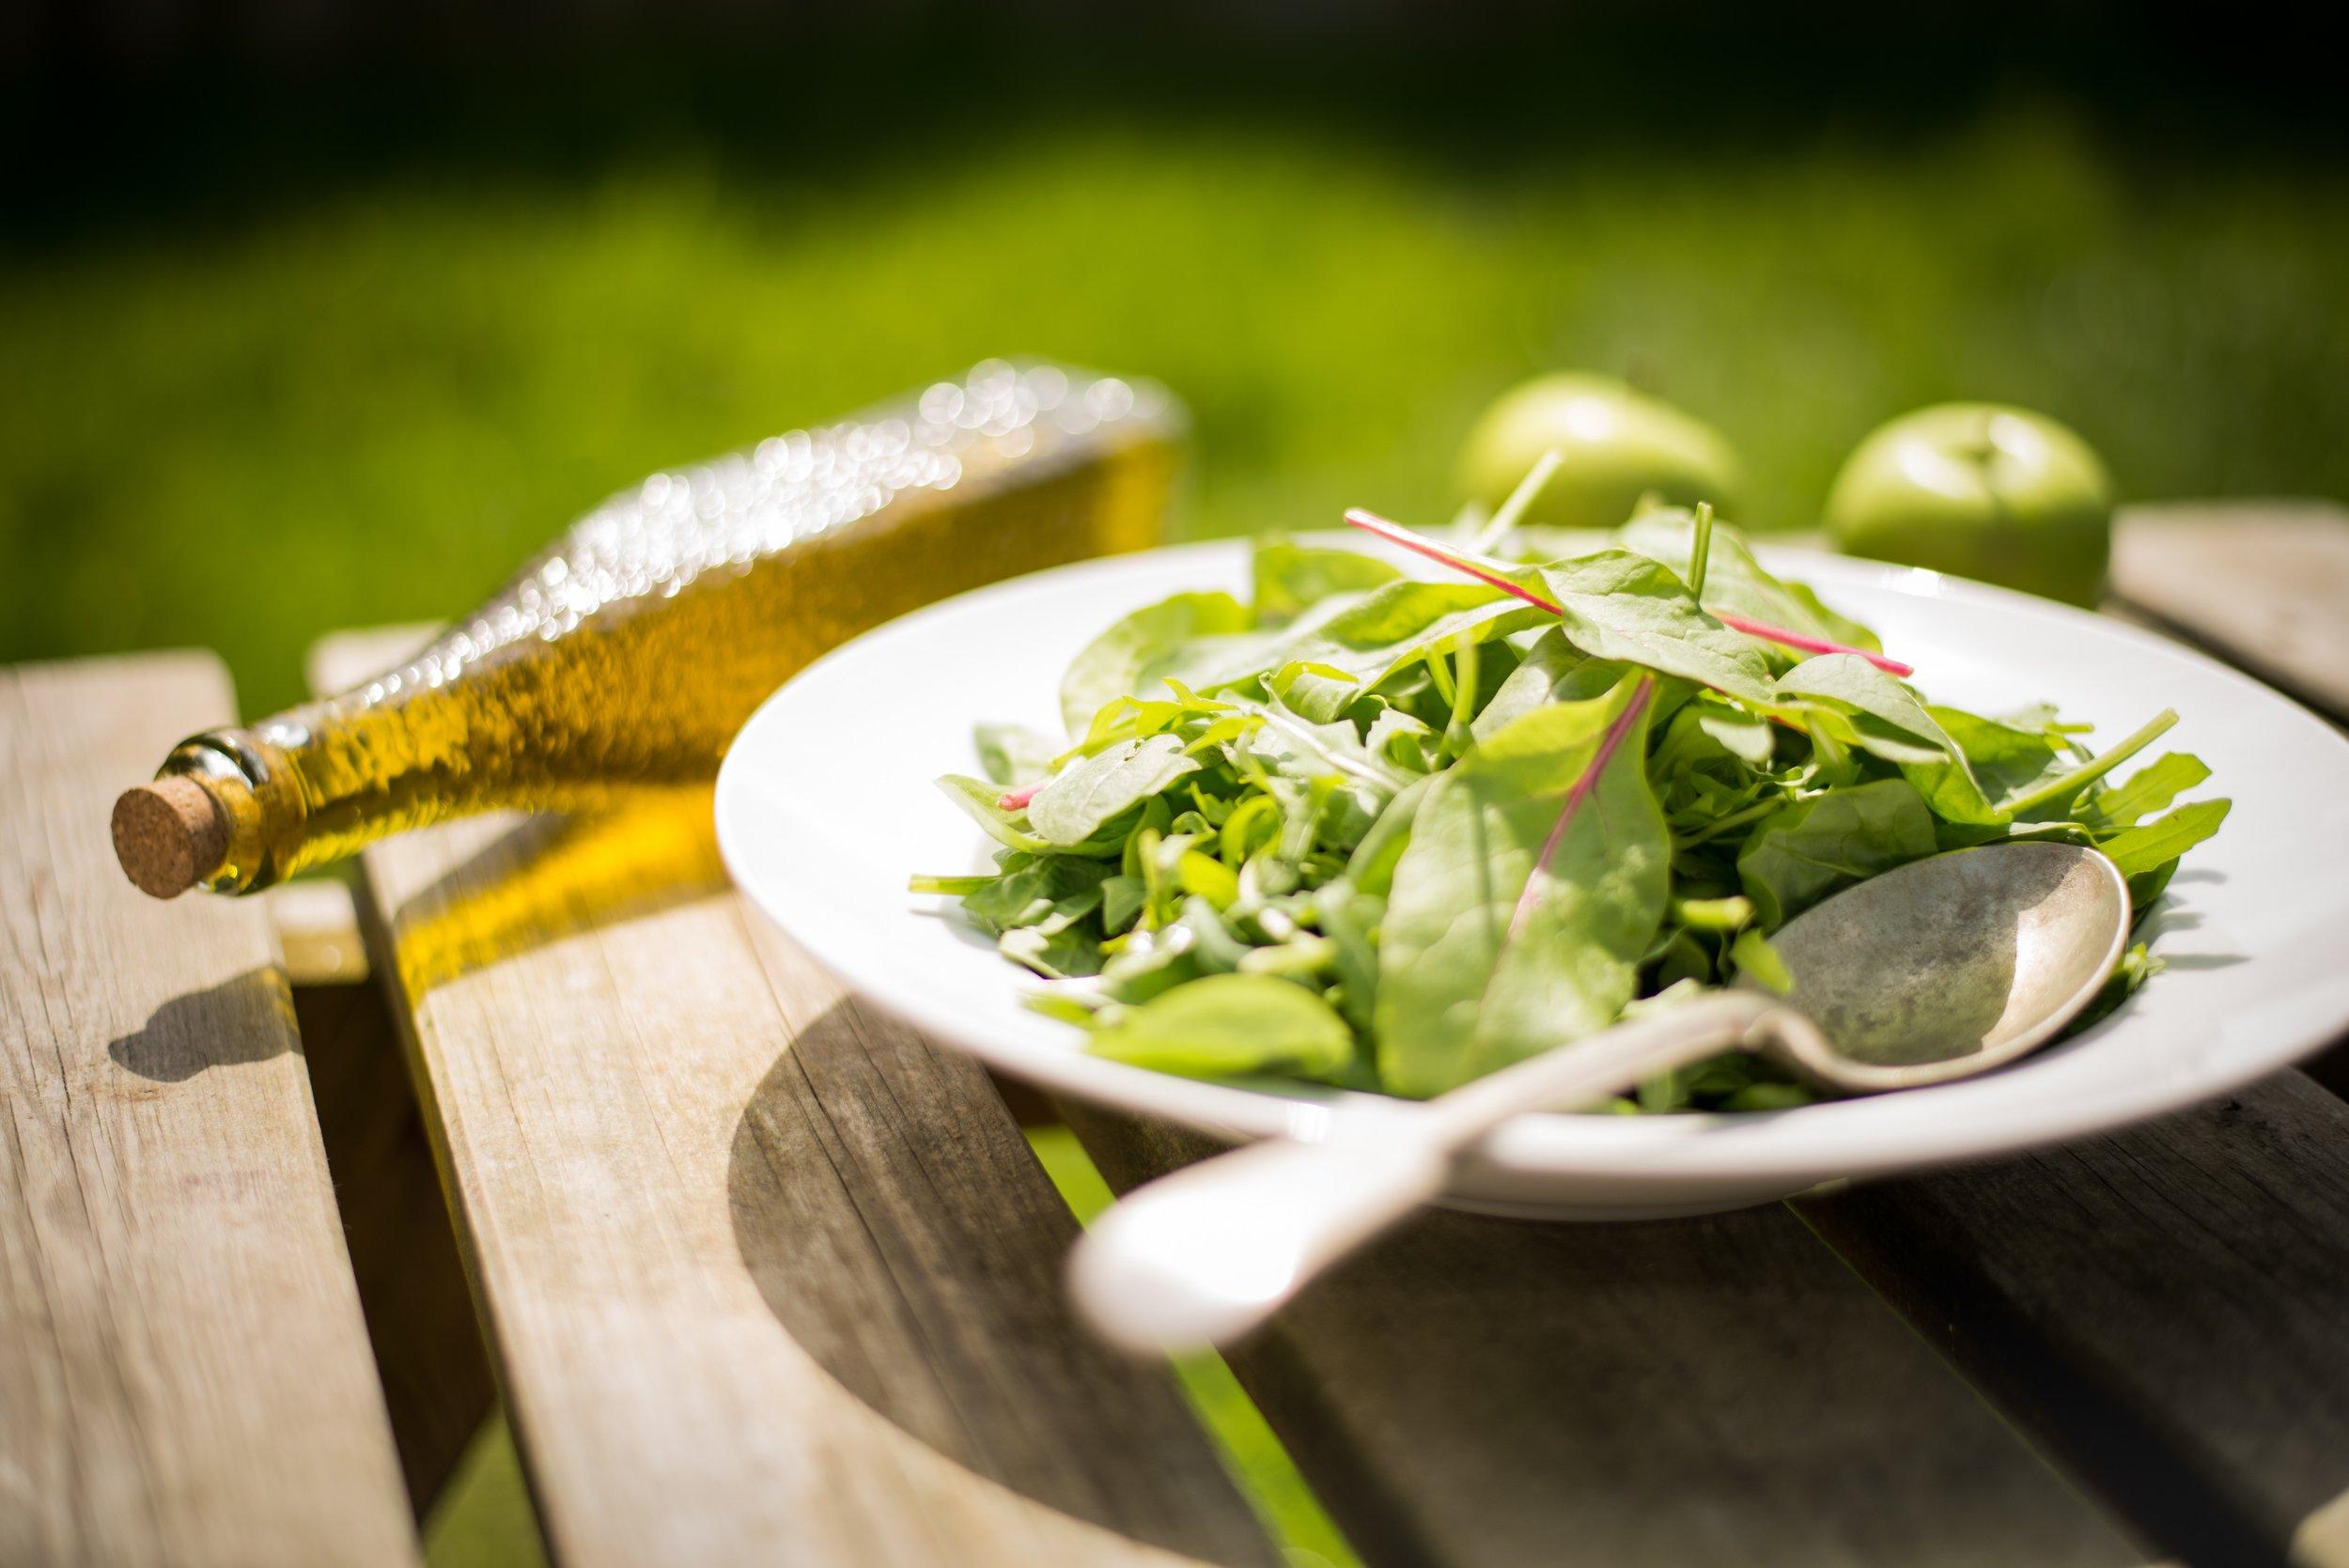 salad - June salads